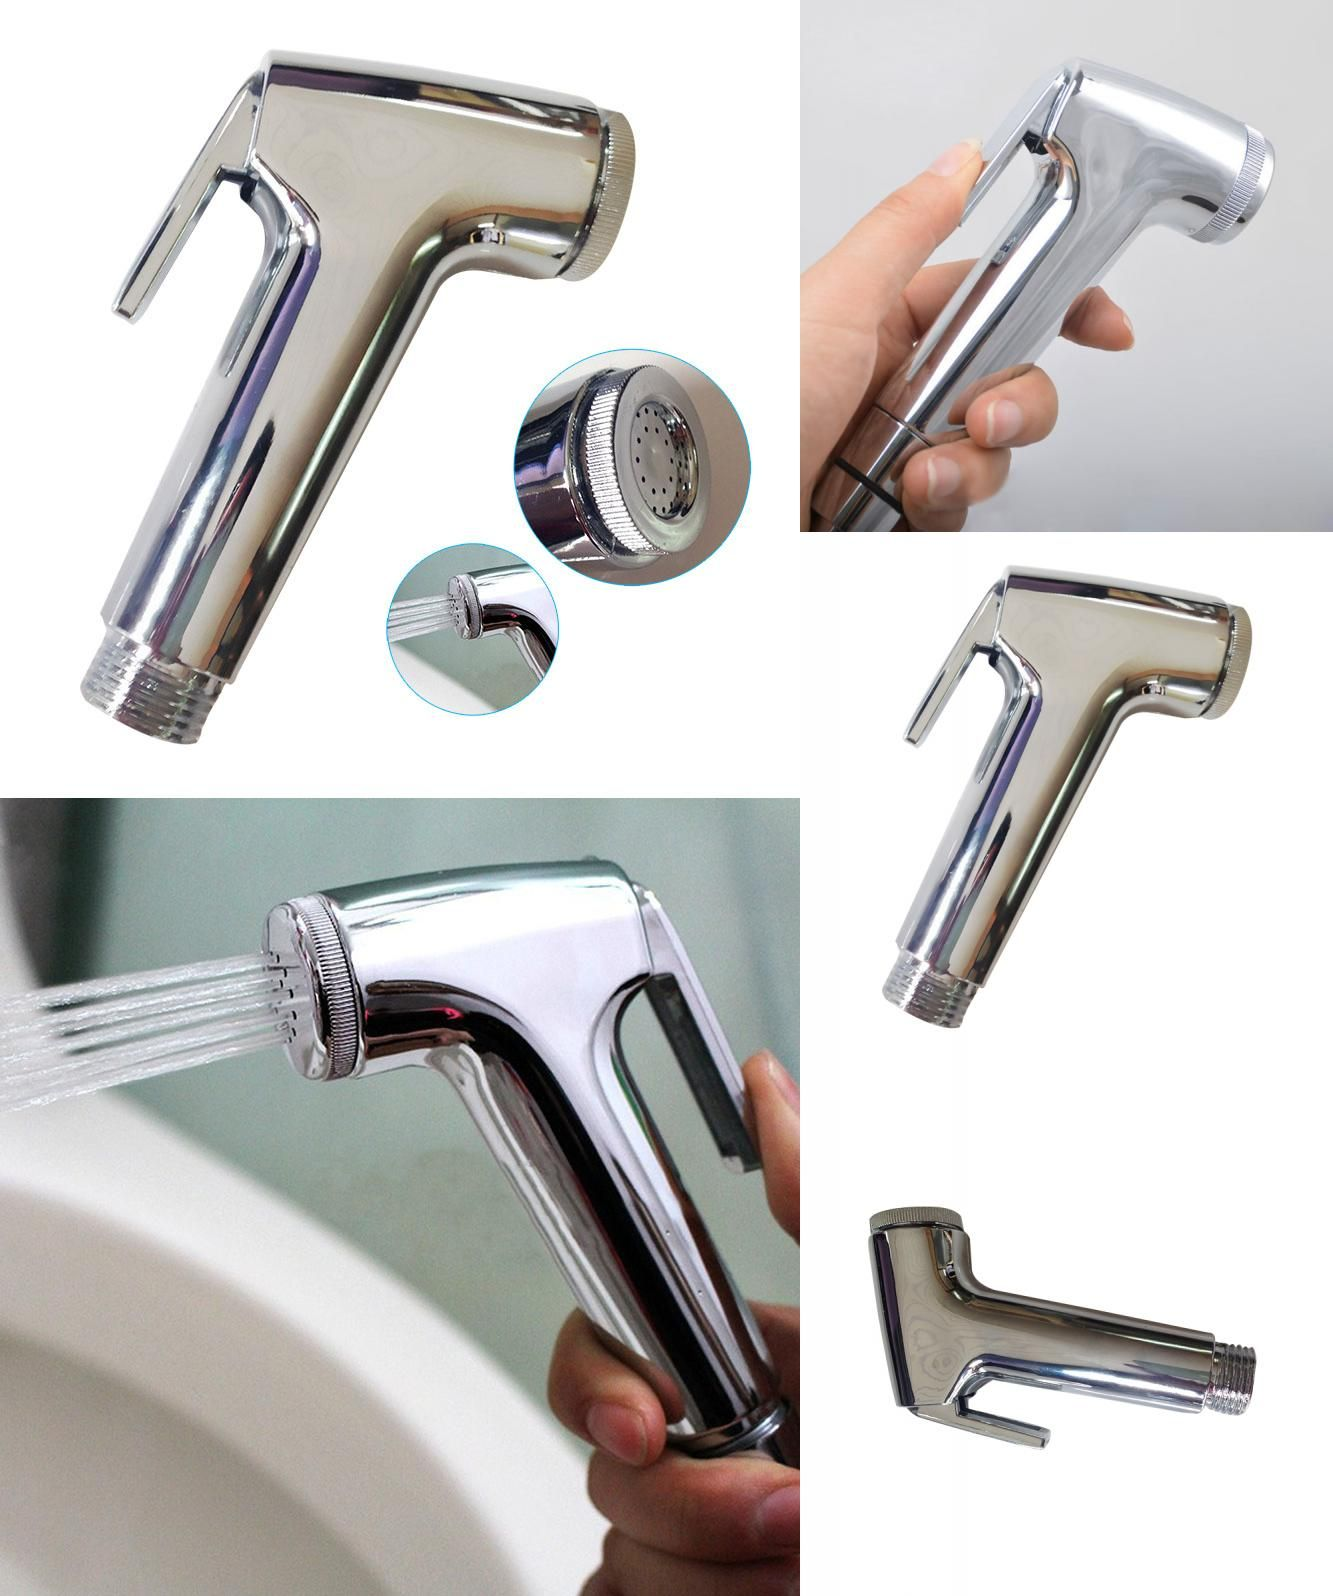 [Visit to Buy] ABS Handheld Toilet Bathroom Bidet Sprayer